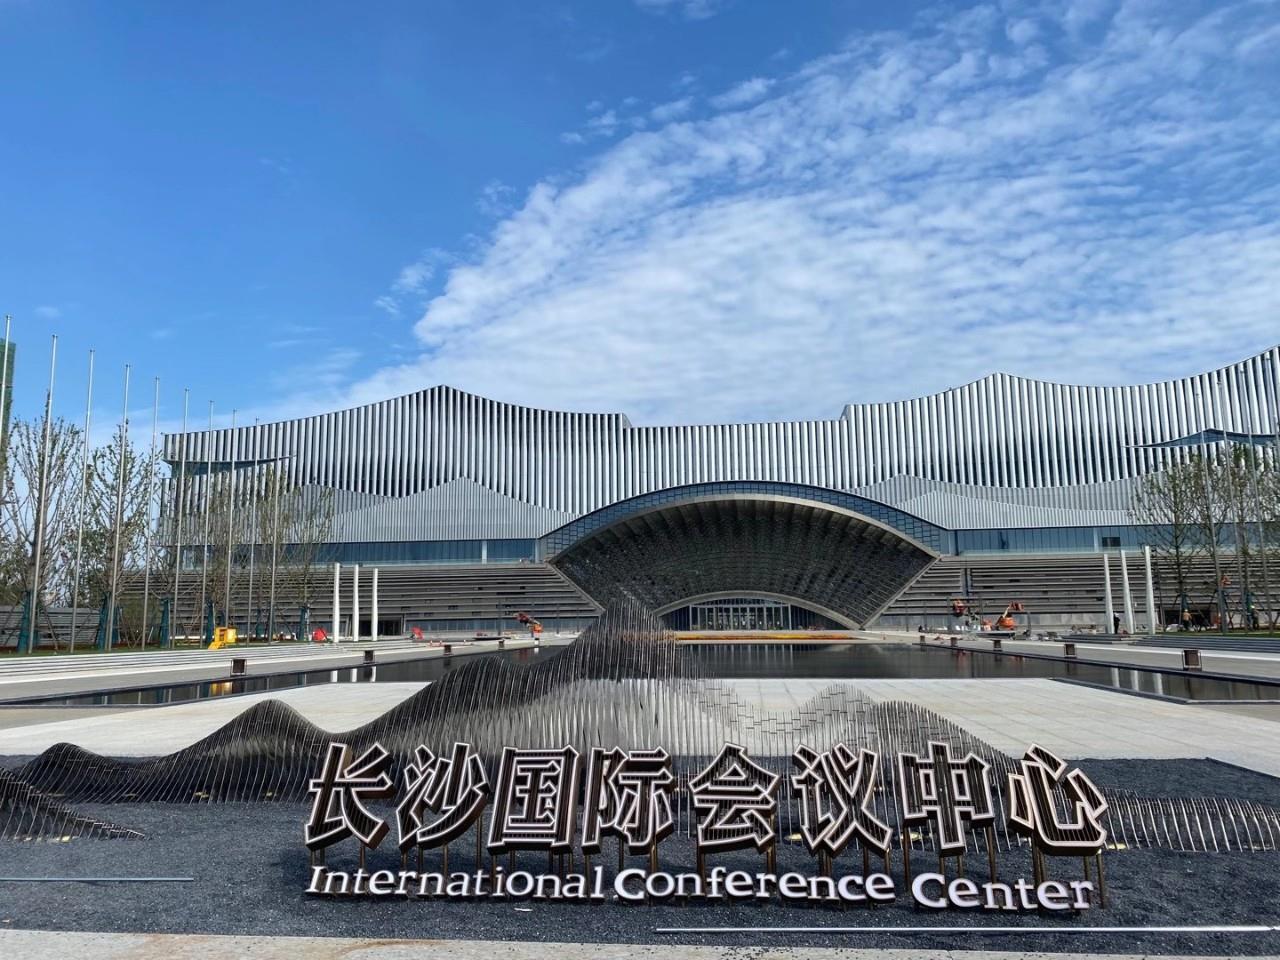 长沙国际会议中心